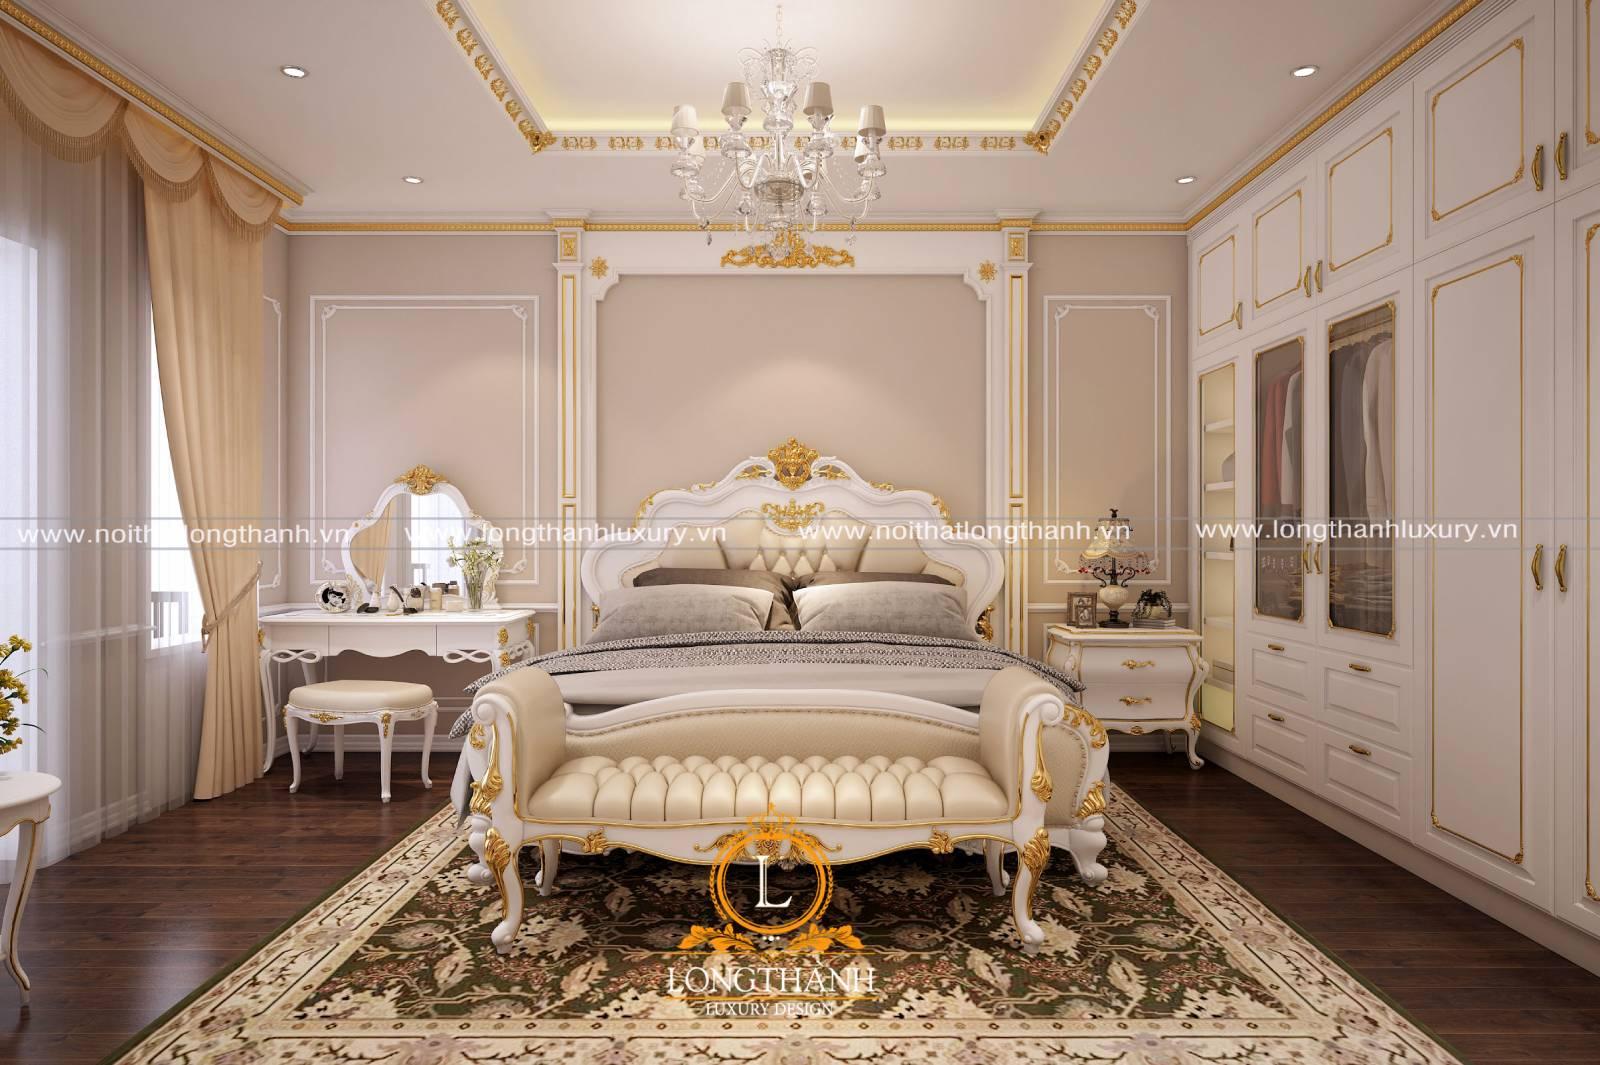 Phòng ngủ master tân cổ điển với ánh sáng vàng ấm tự nhiên